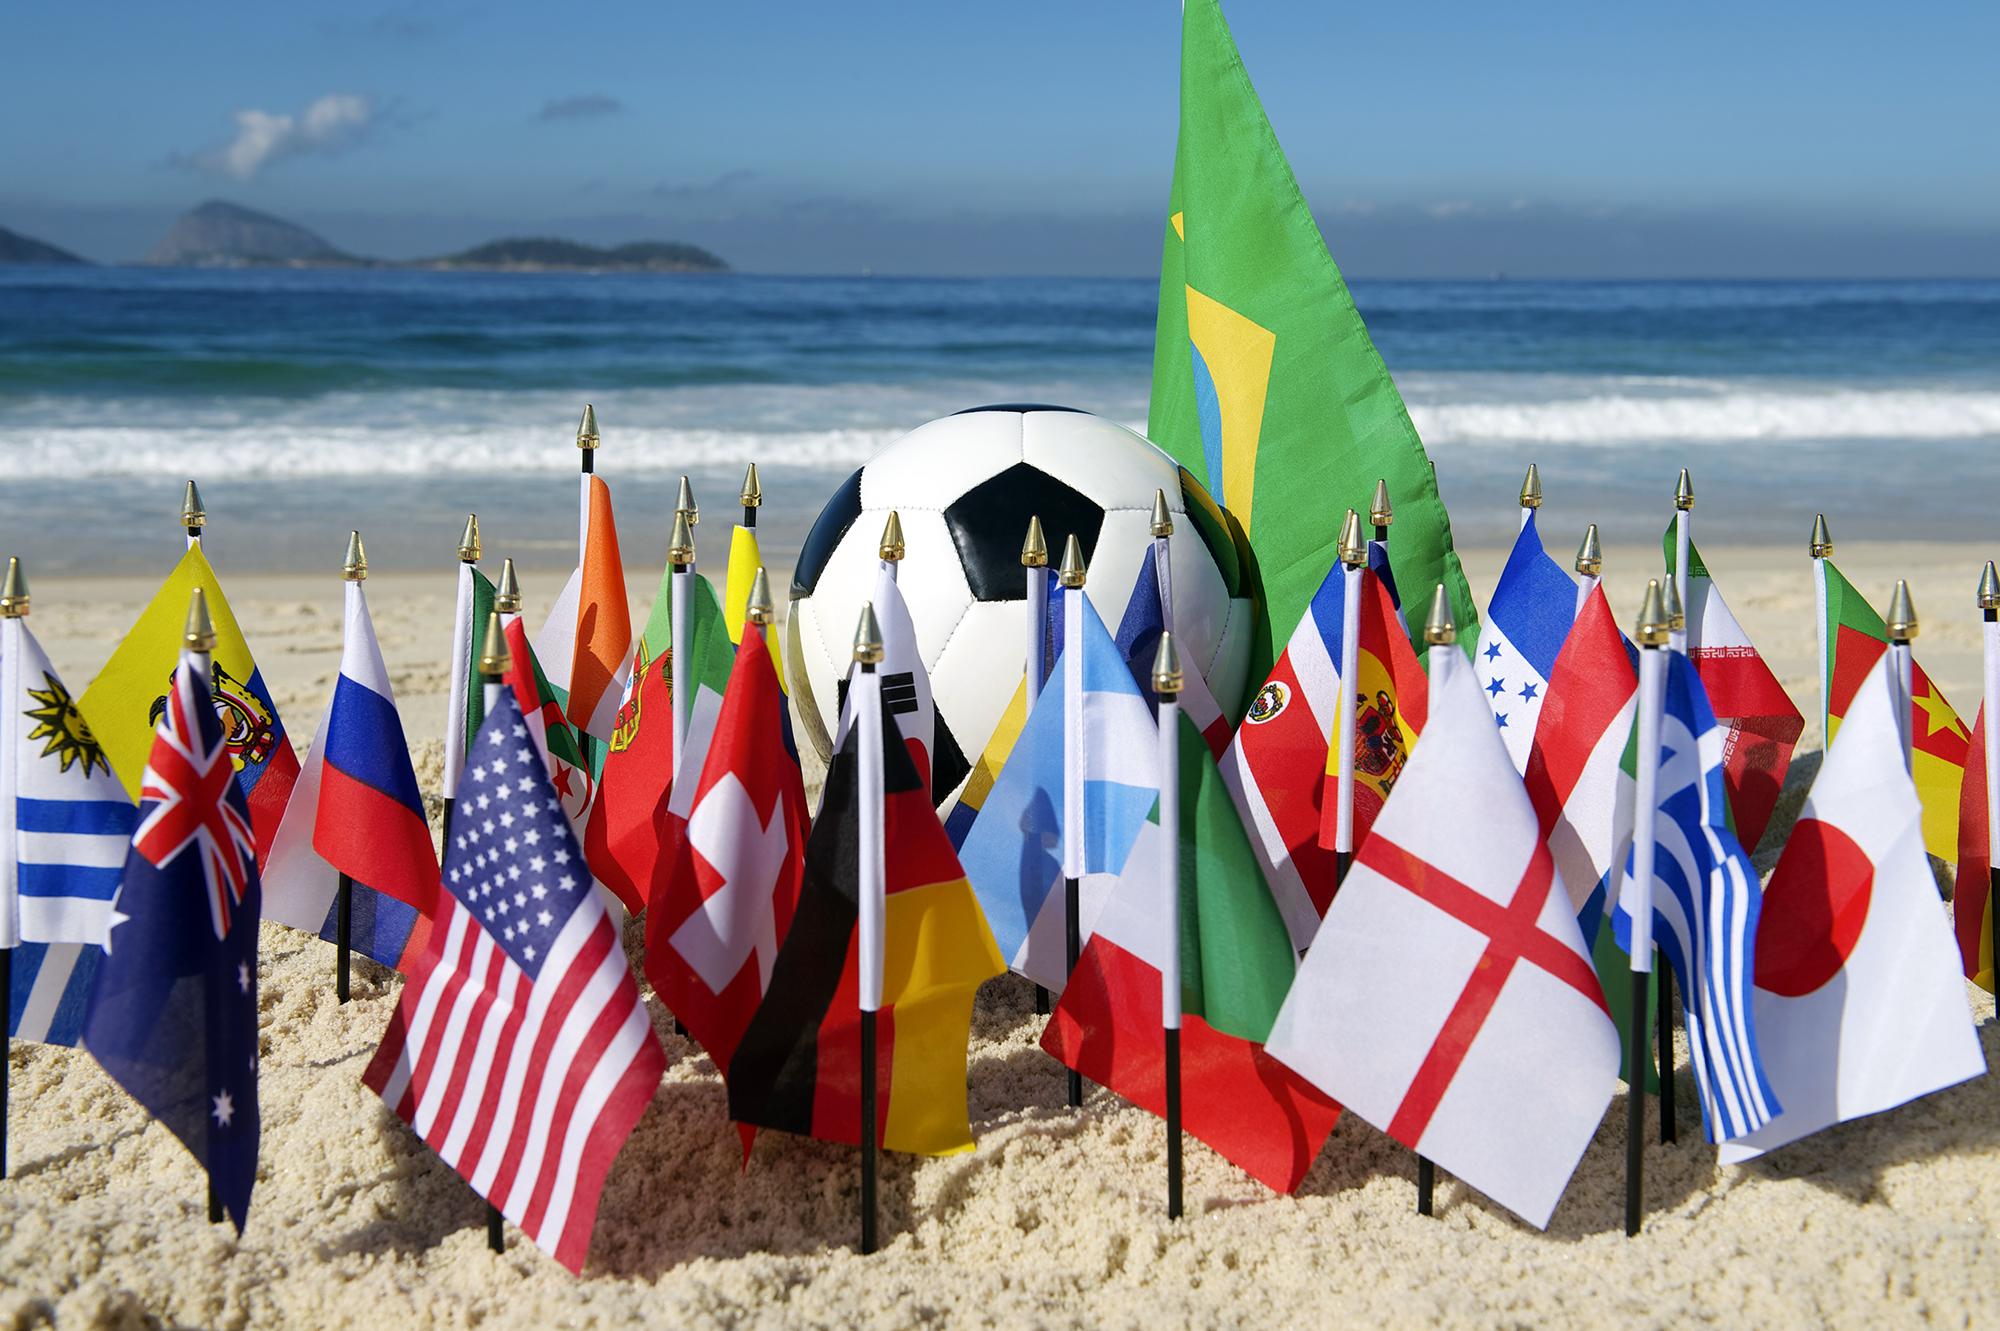 Bola de futebol na praia com bandeiras de países